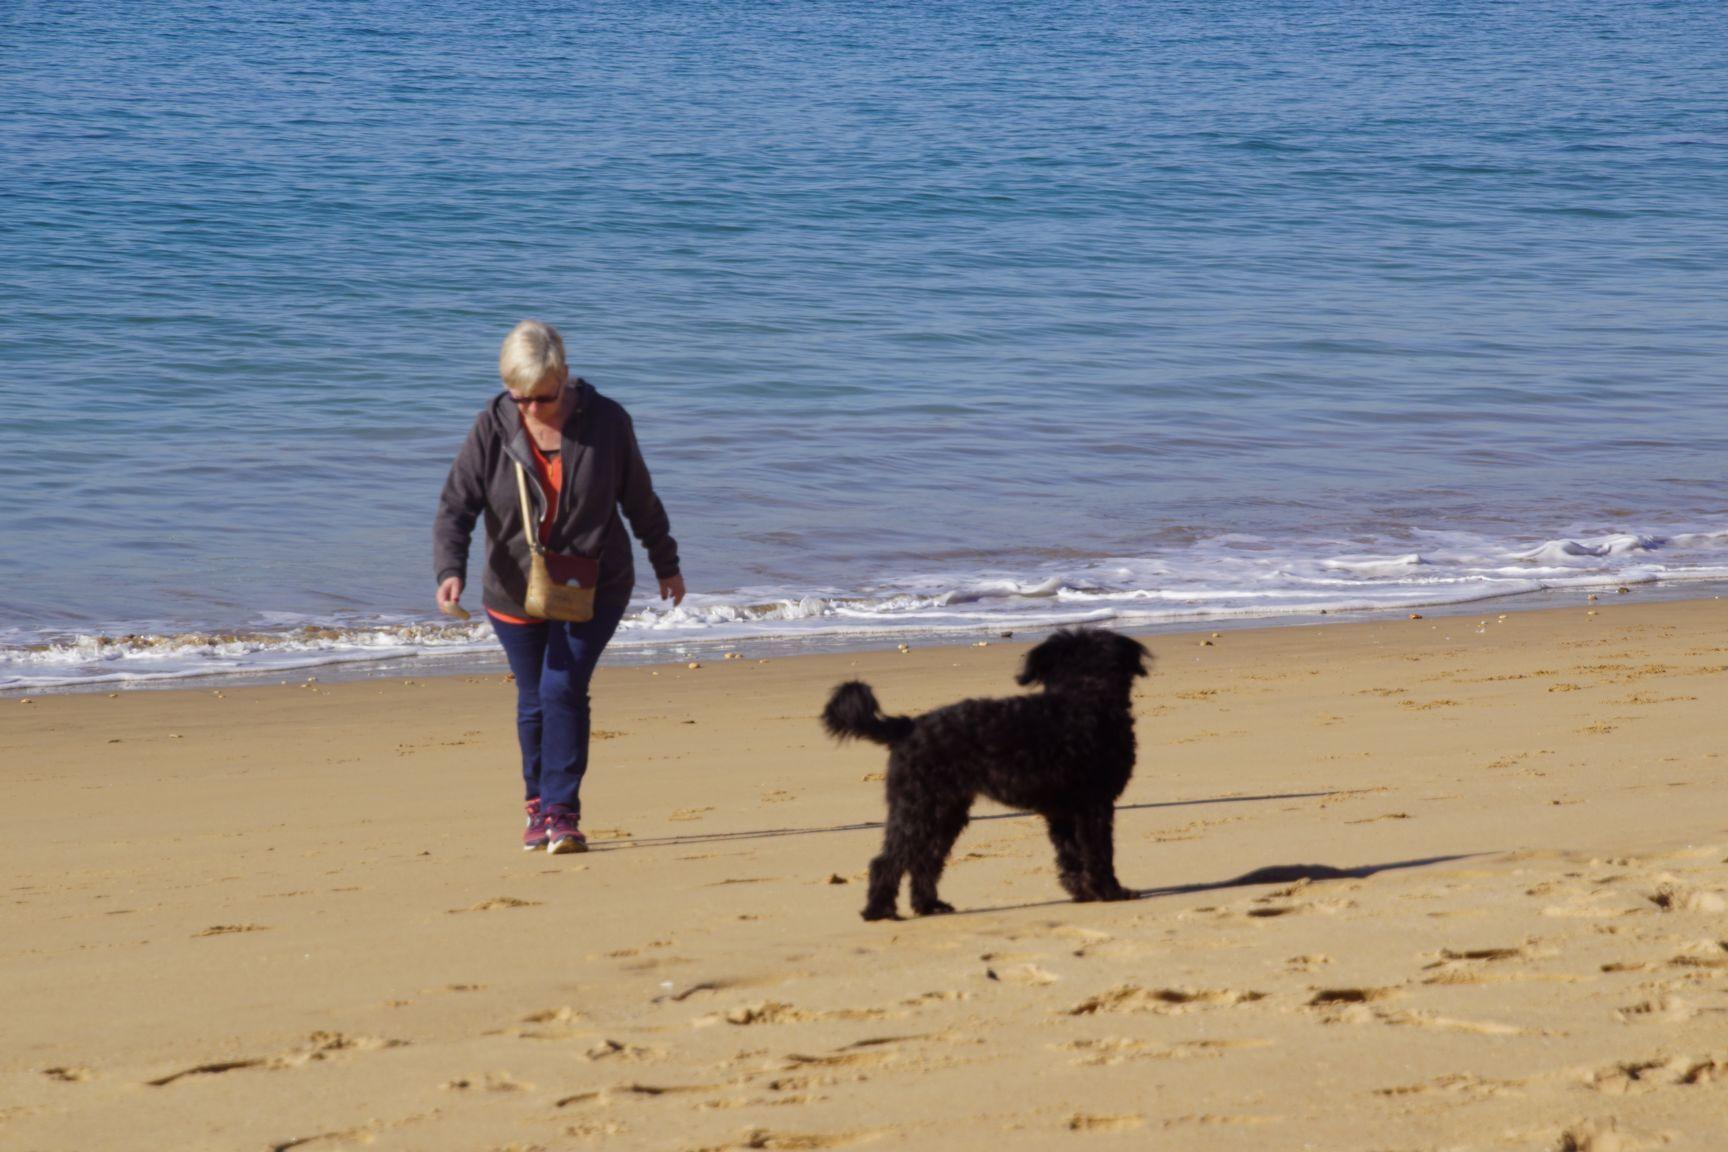 Balade sur la plage avec Pépite